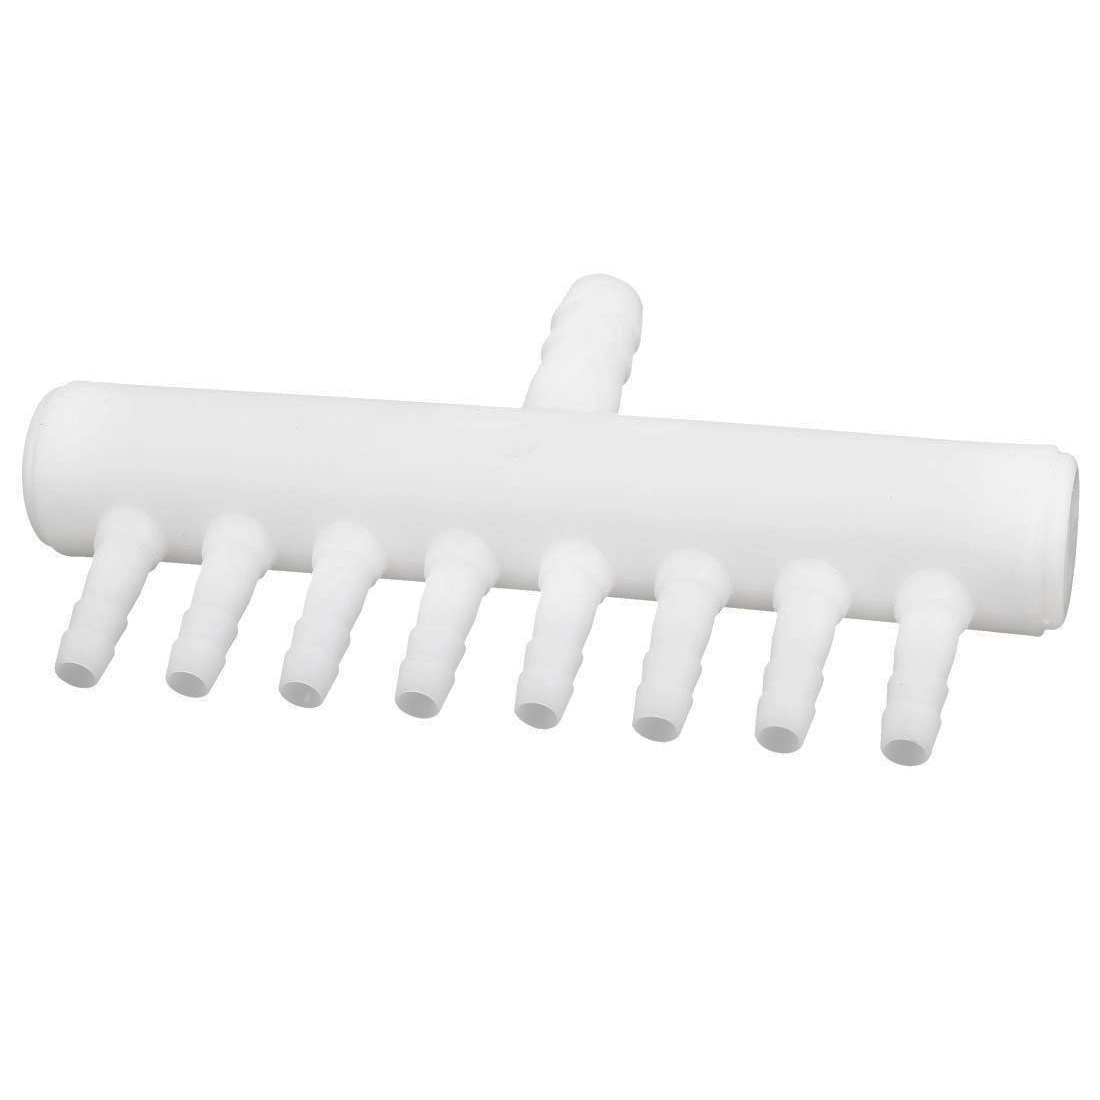 Plastic 8-Way Aquarium Tube Splitter Air Valve